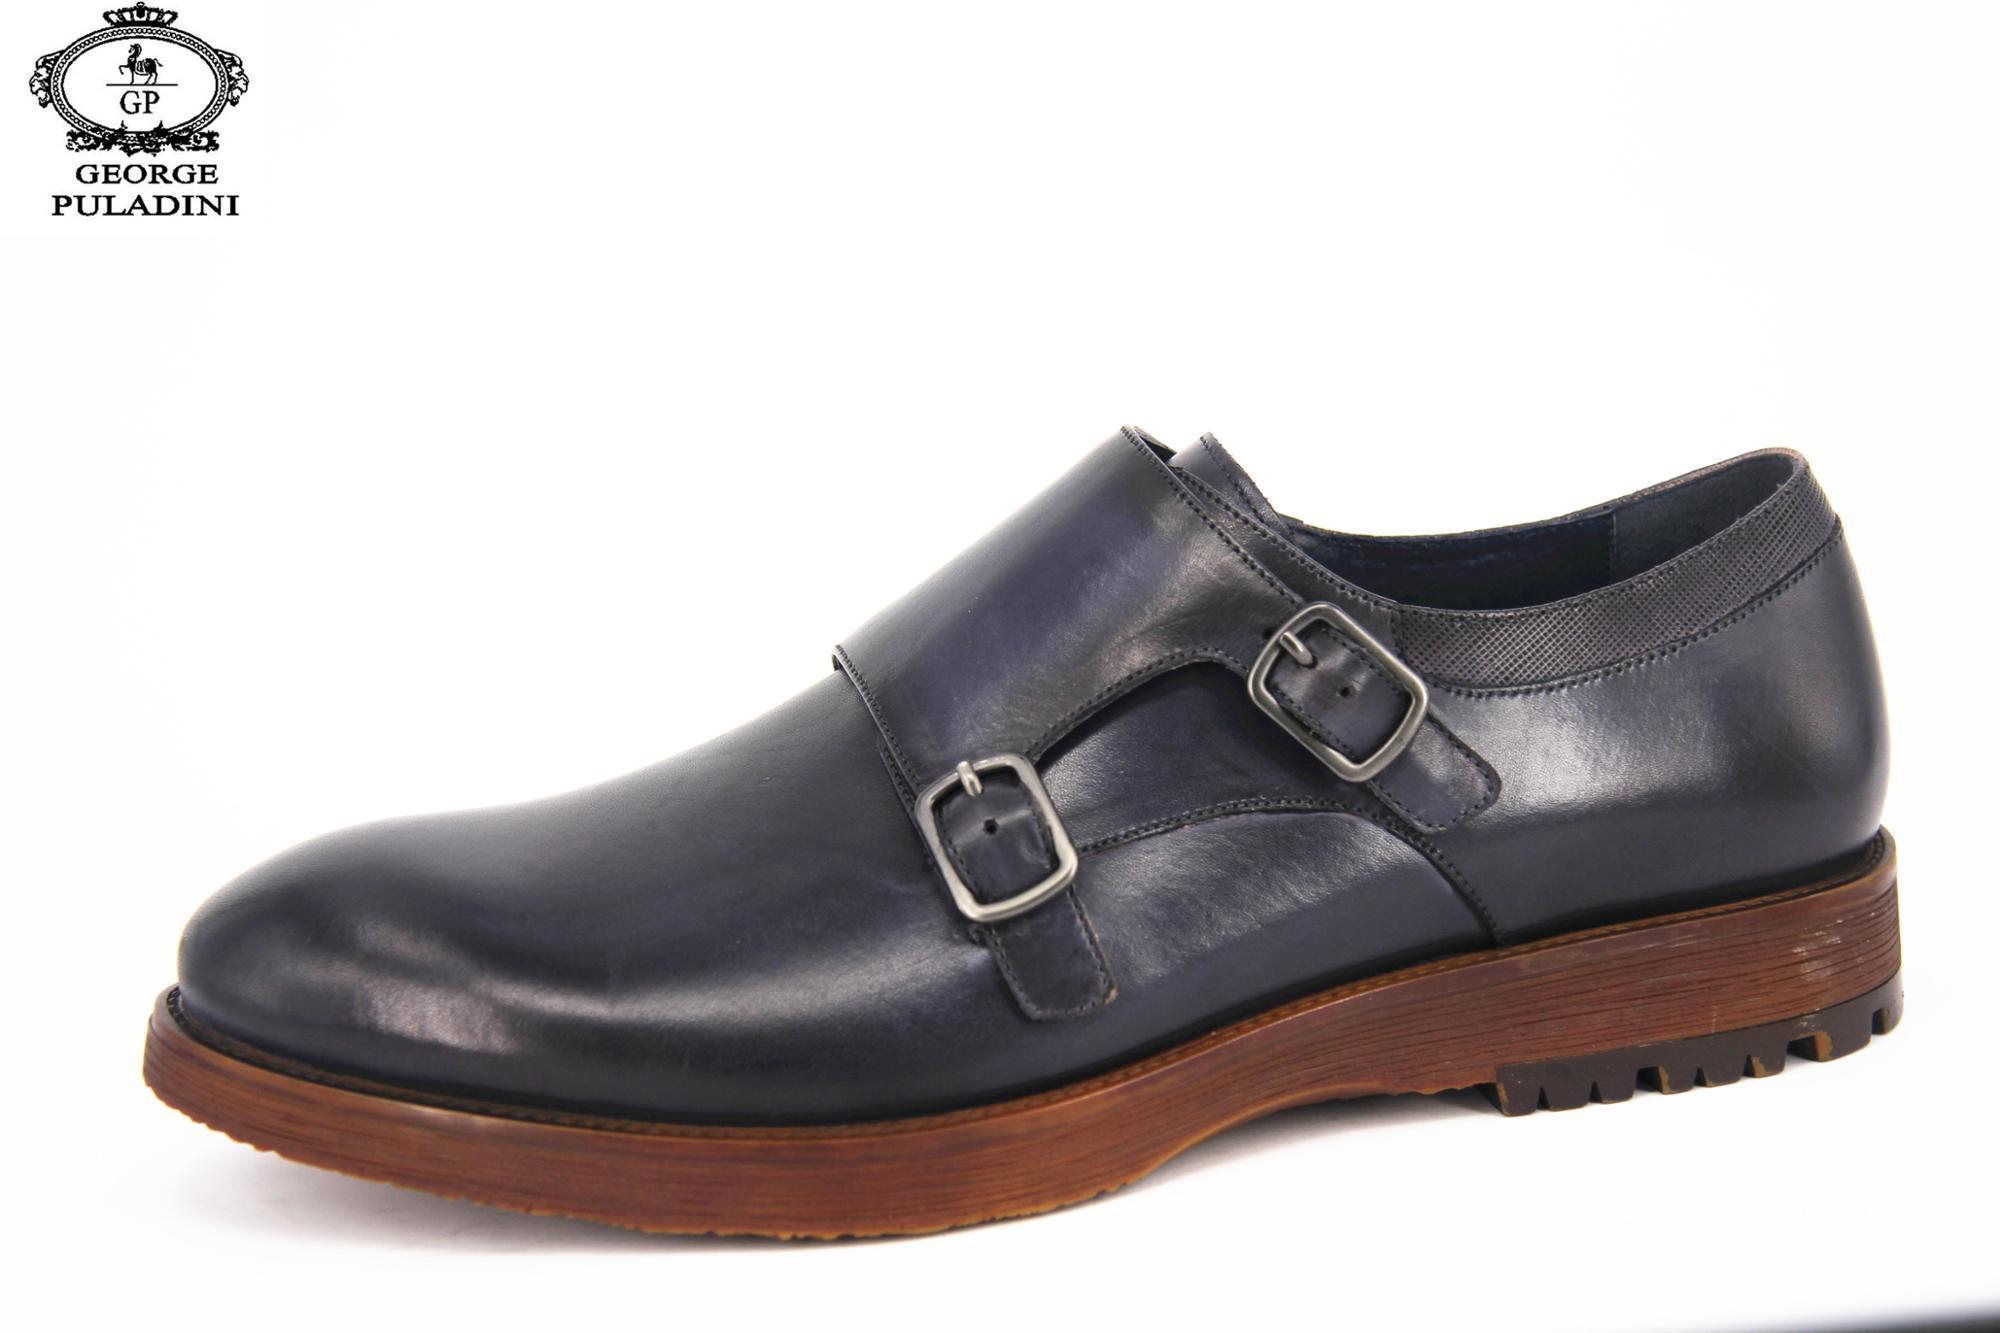 Men shoes Dress latest shoes leather shoes Formal Fashionable Monk 2018 Desgin Men Strap dqE8ndz